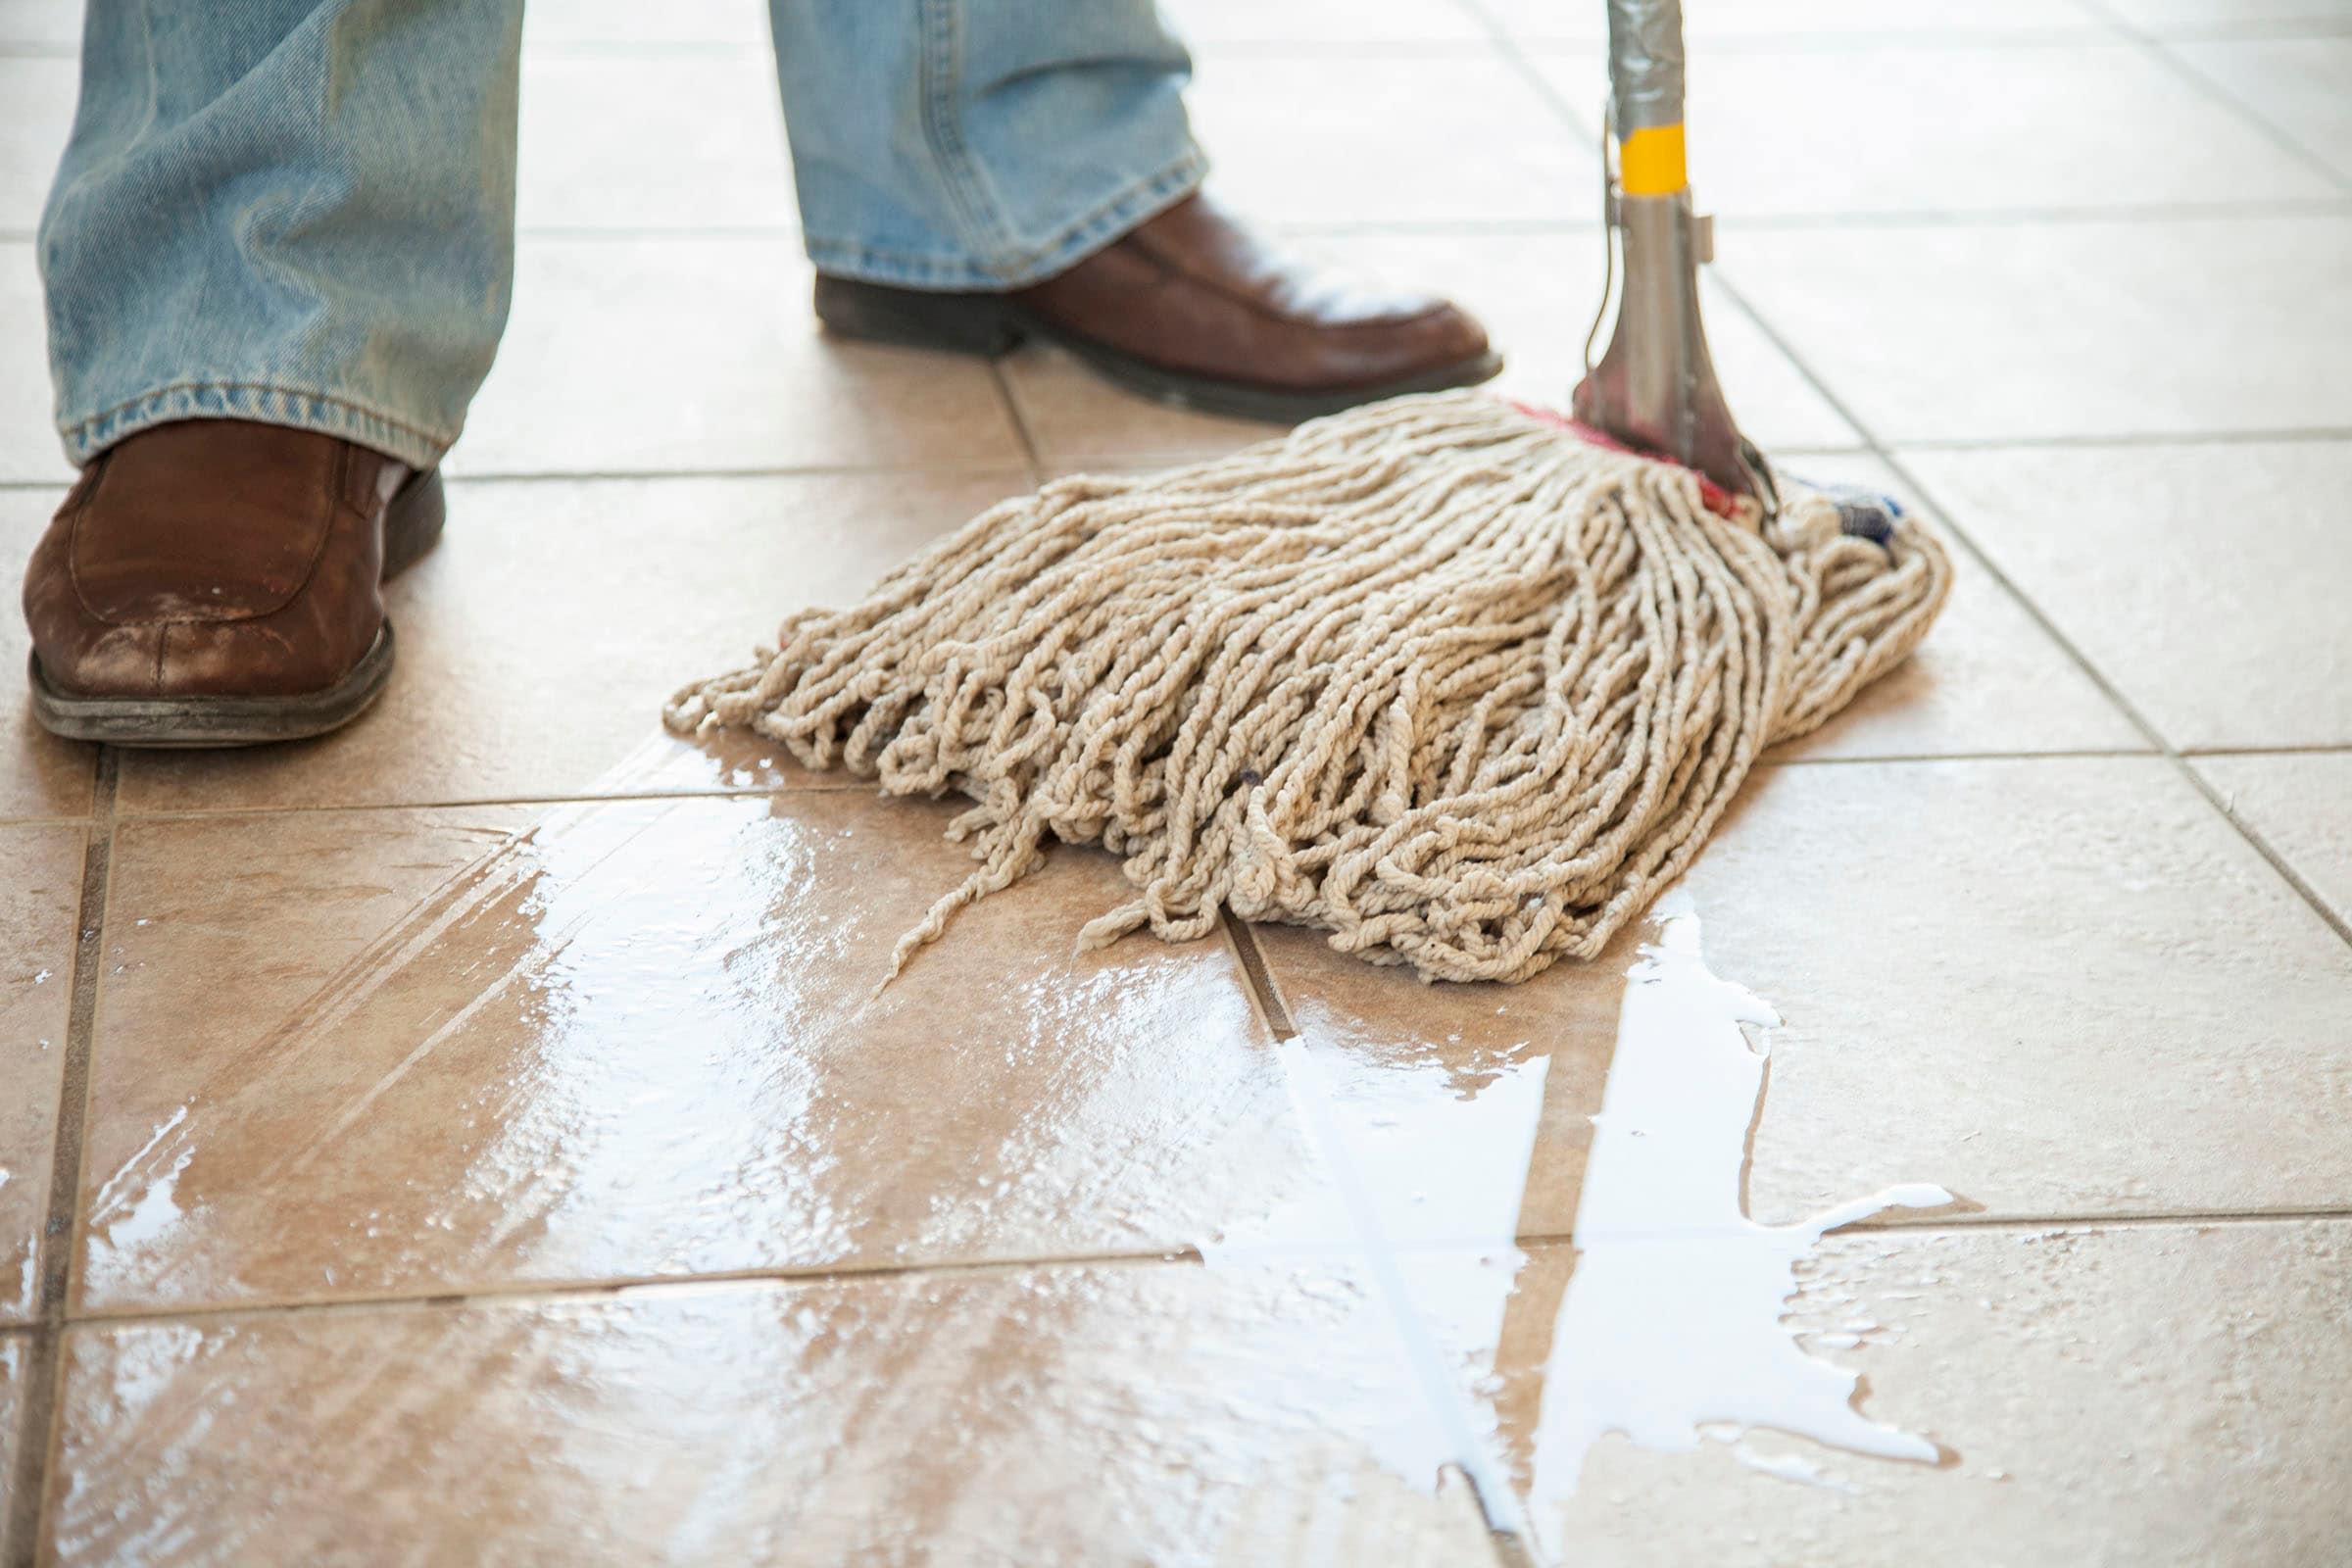 Mop and Bucket - Stone Floor Cleaning - Hard Floor Cleaning - KleanSTONE Floor Cleaning Machine